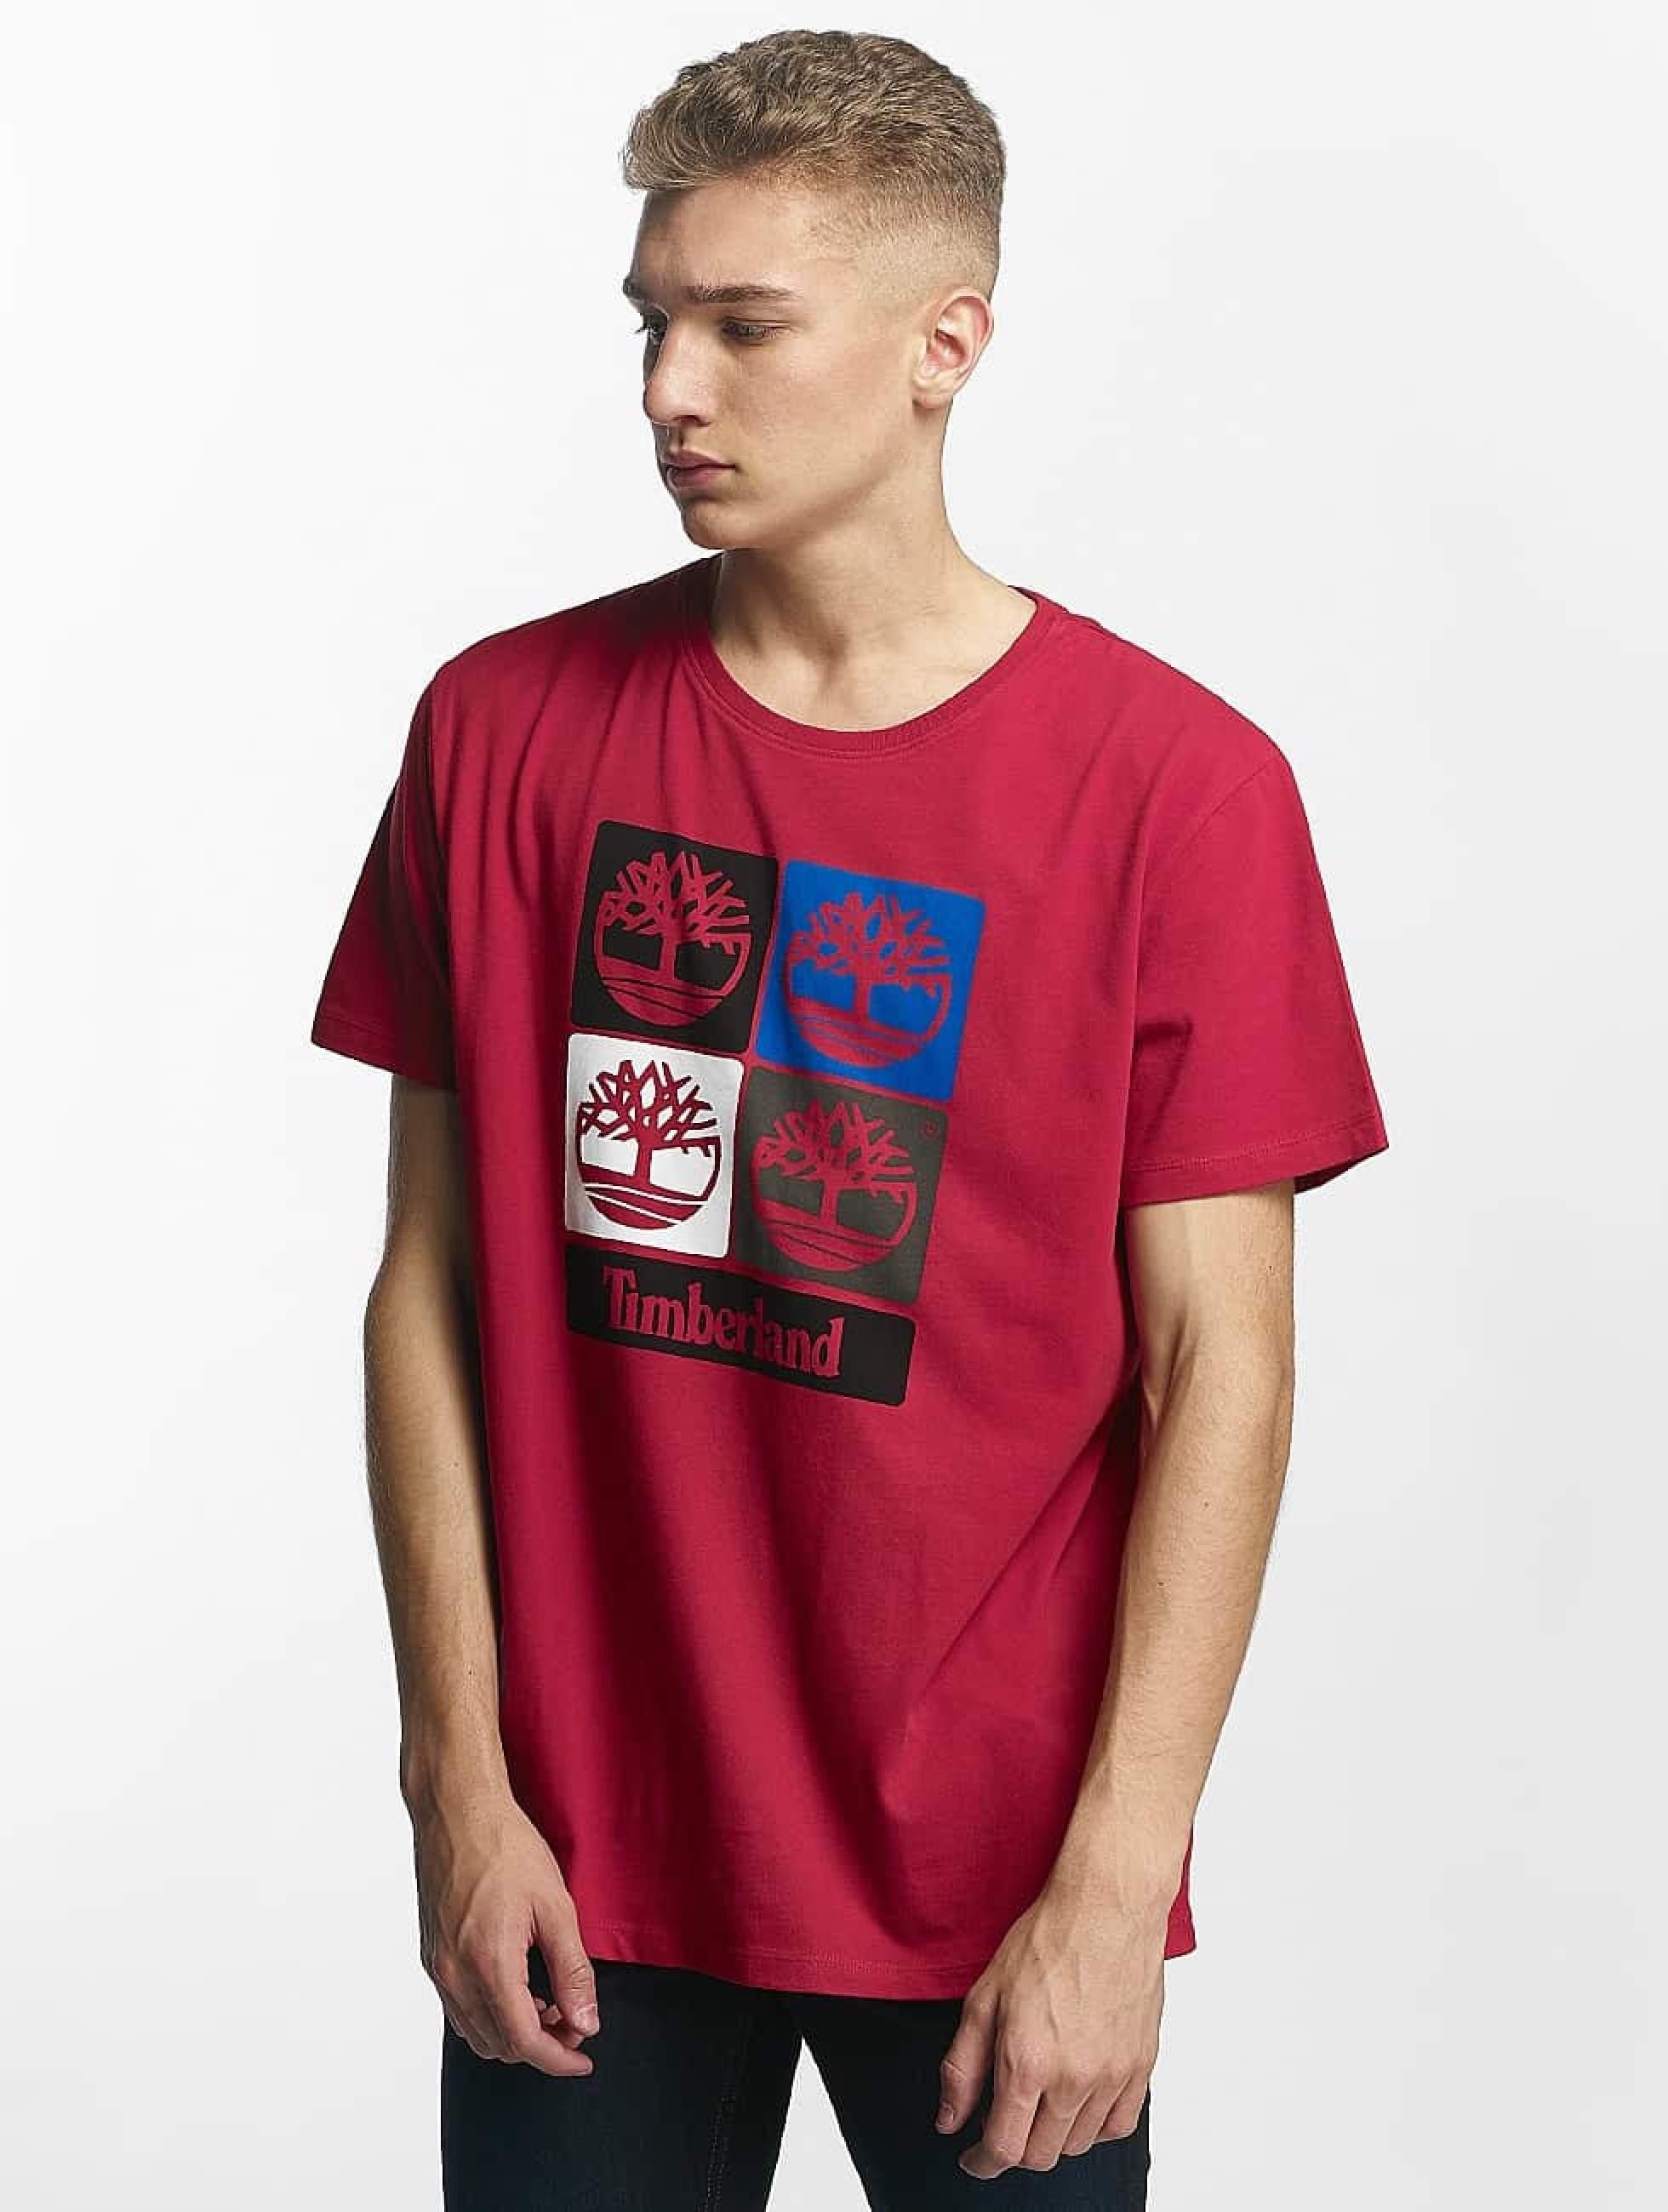 b11326b79481ed Timberland bovenstuk / t-shirt 90'S Logo in rood 366633